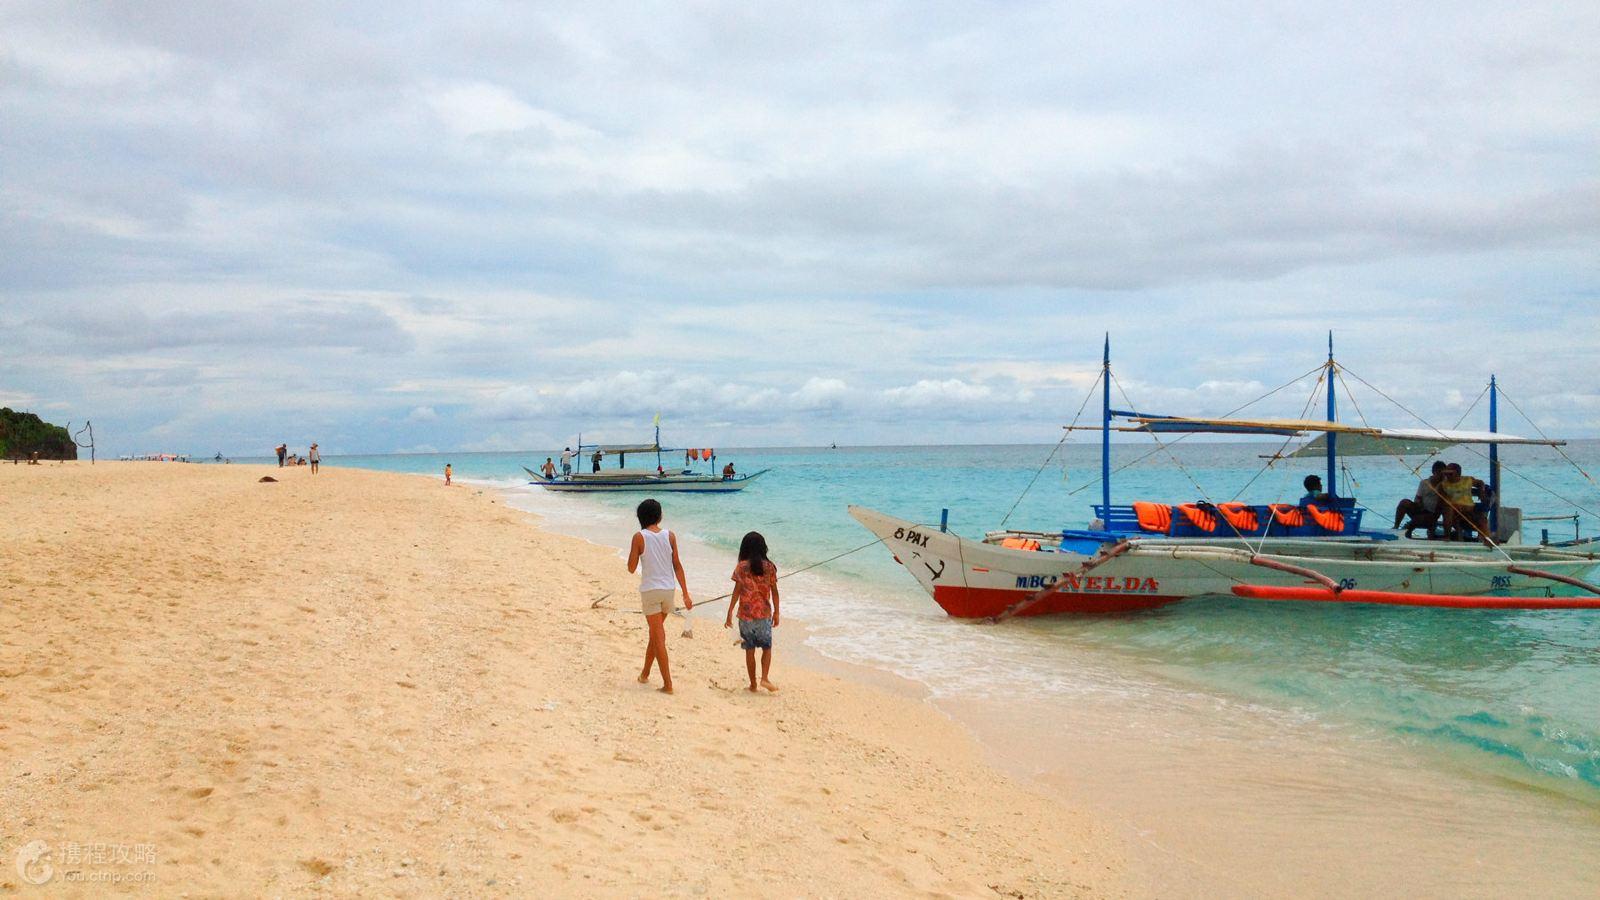 菲律宾长滩岛6日4晚半自助游·飞龙直飞